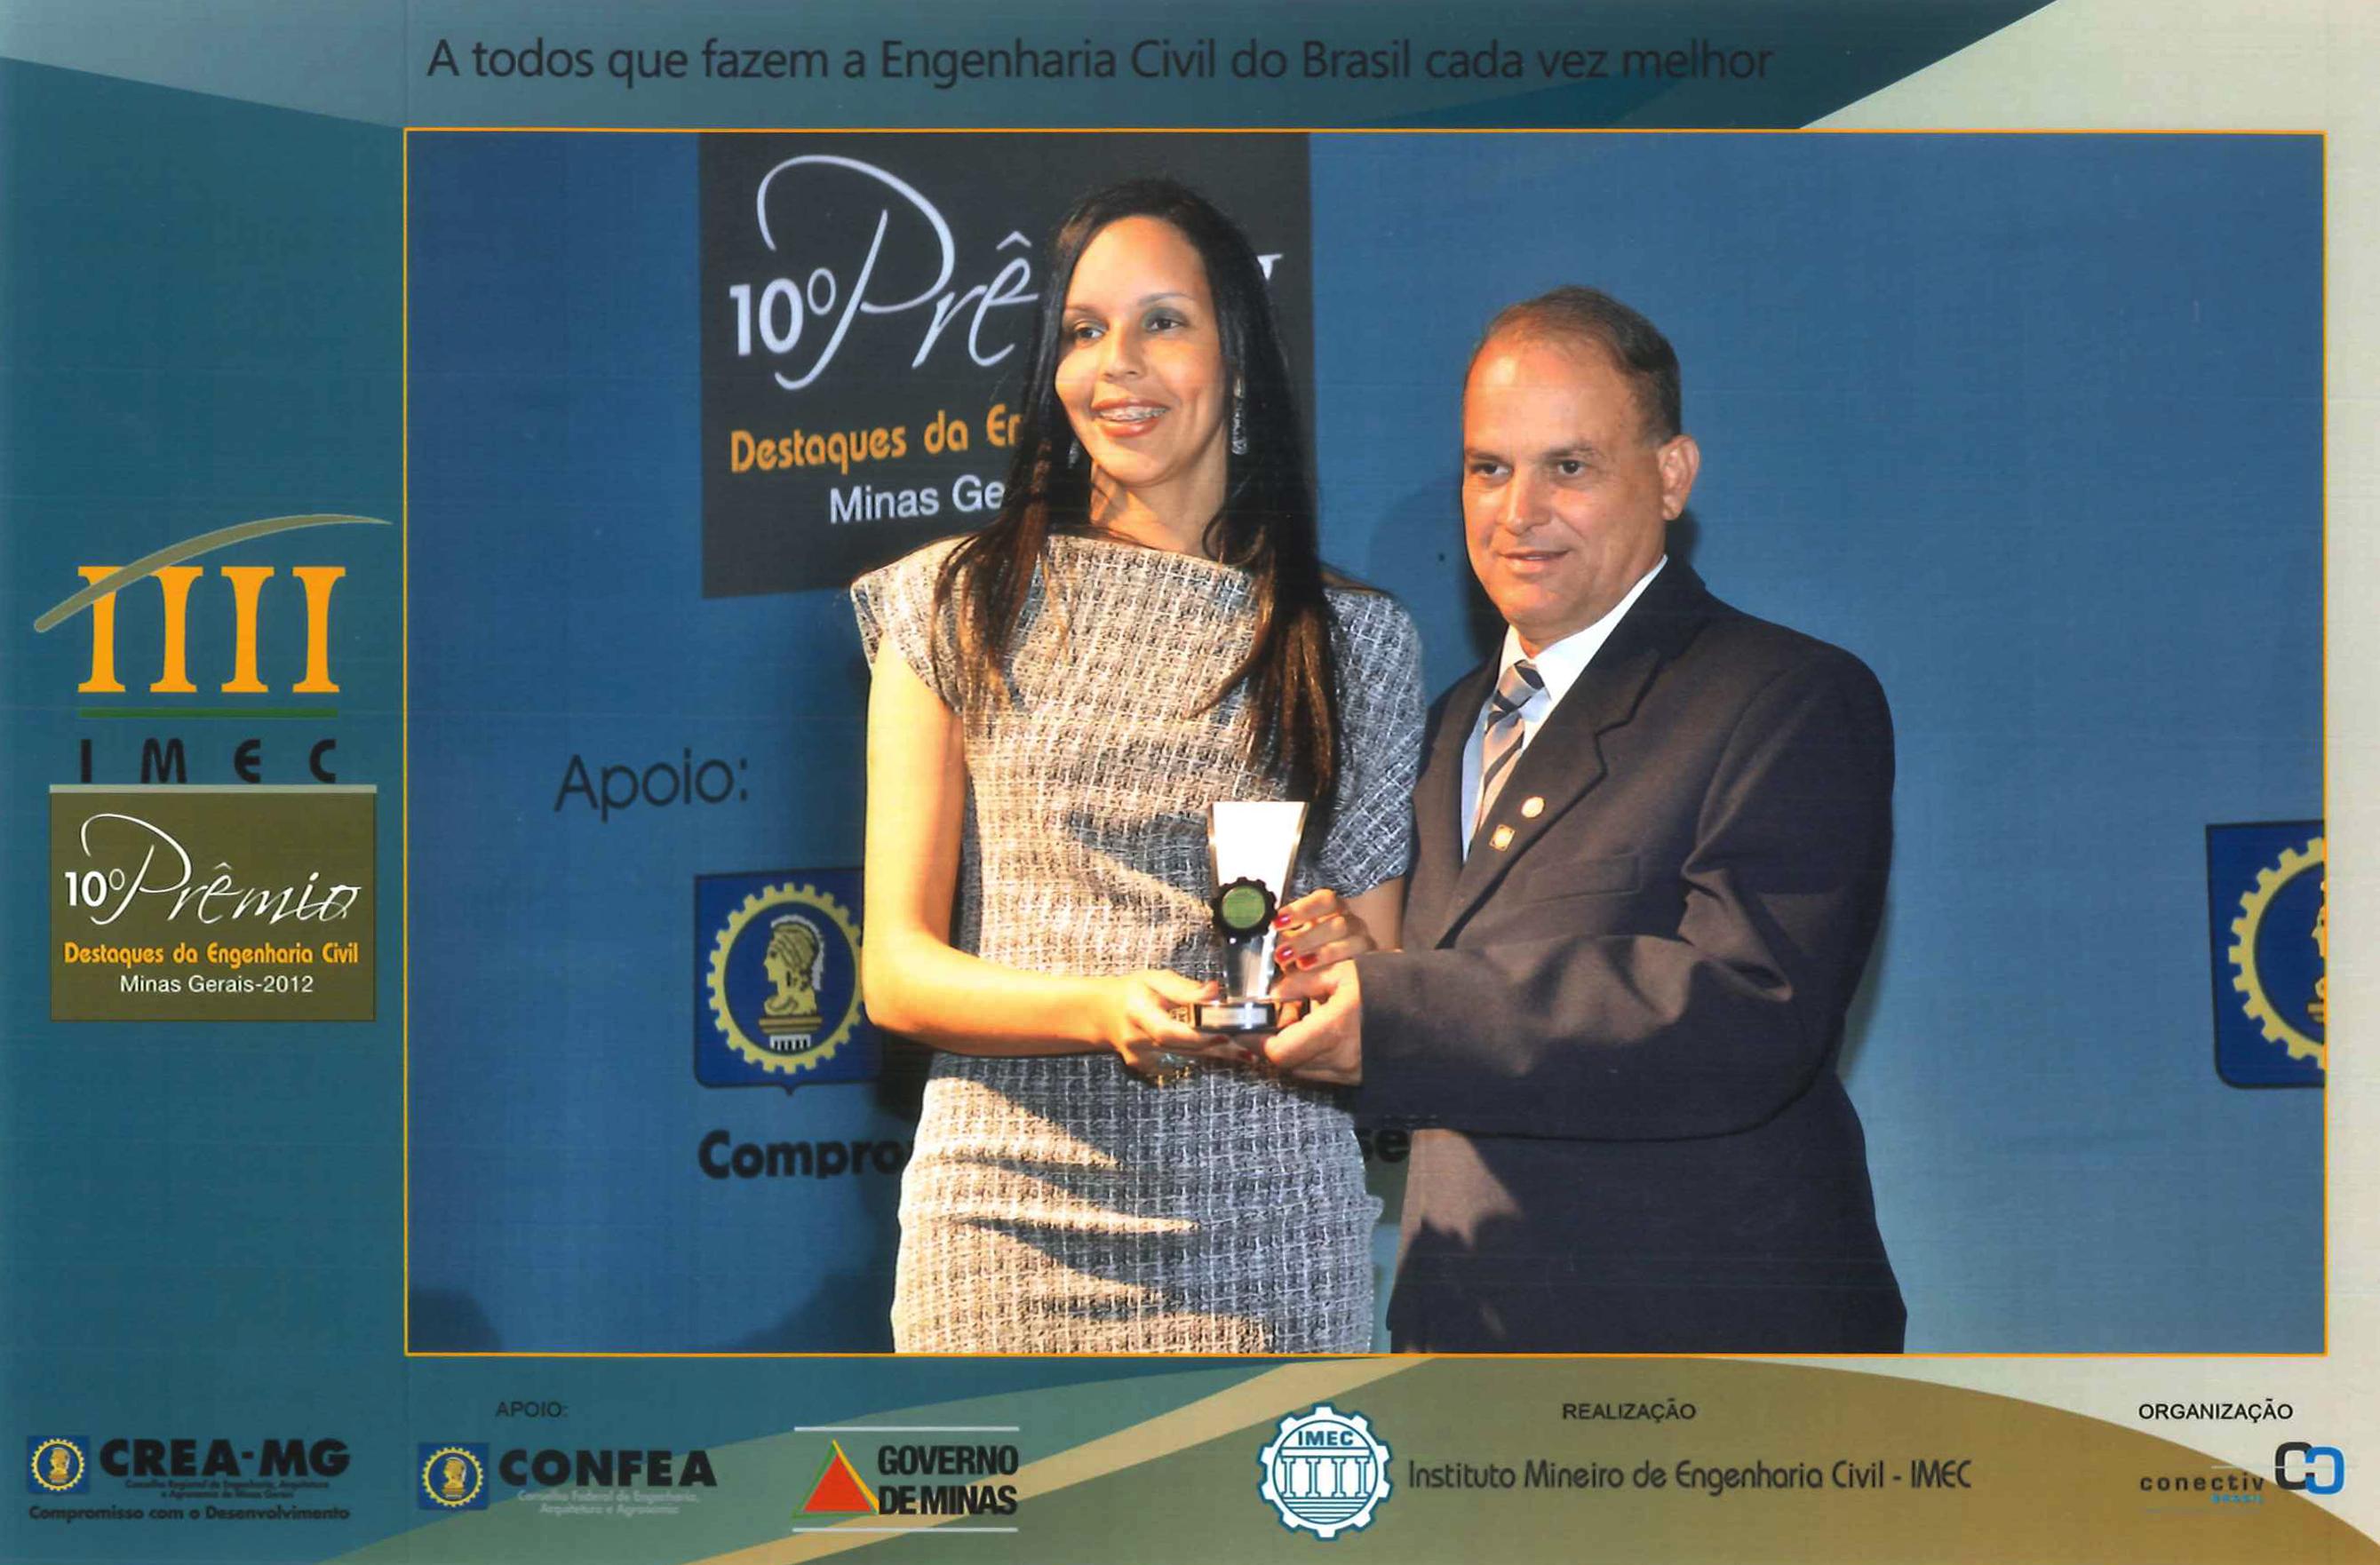 Prêmio IMEC 2012 - Destaques da Engenharia